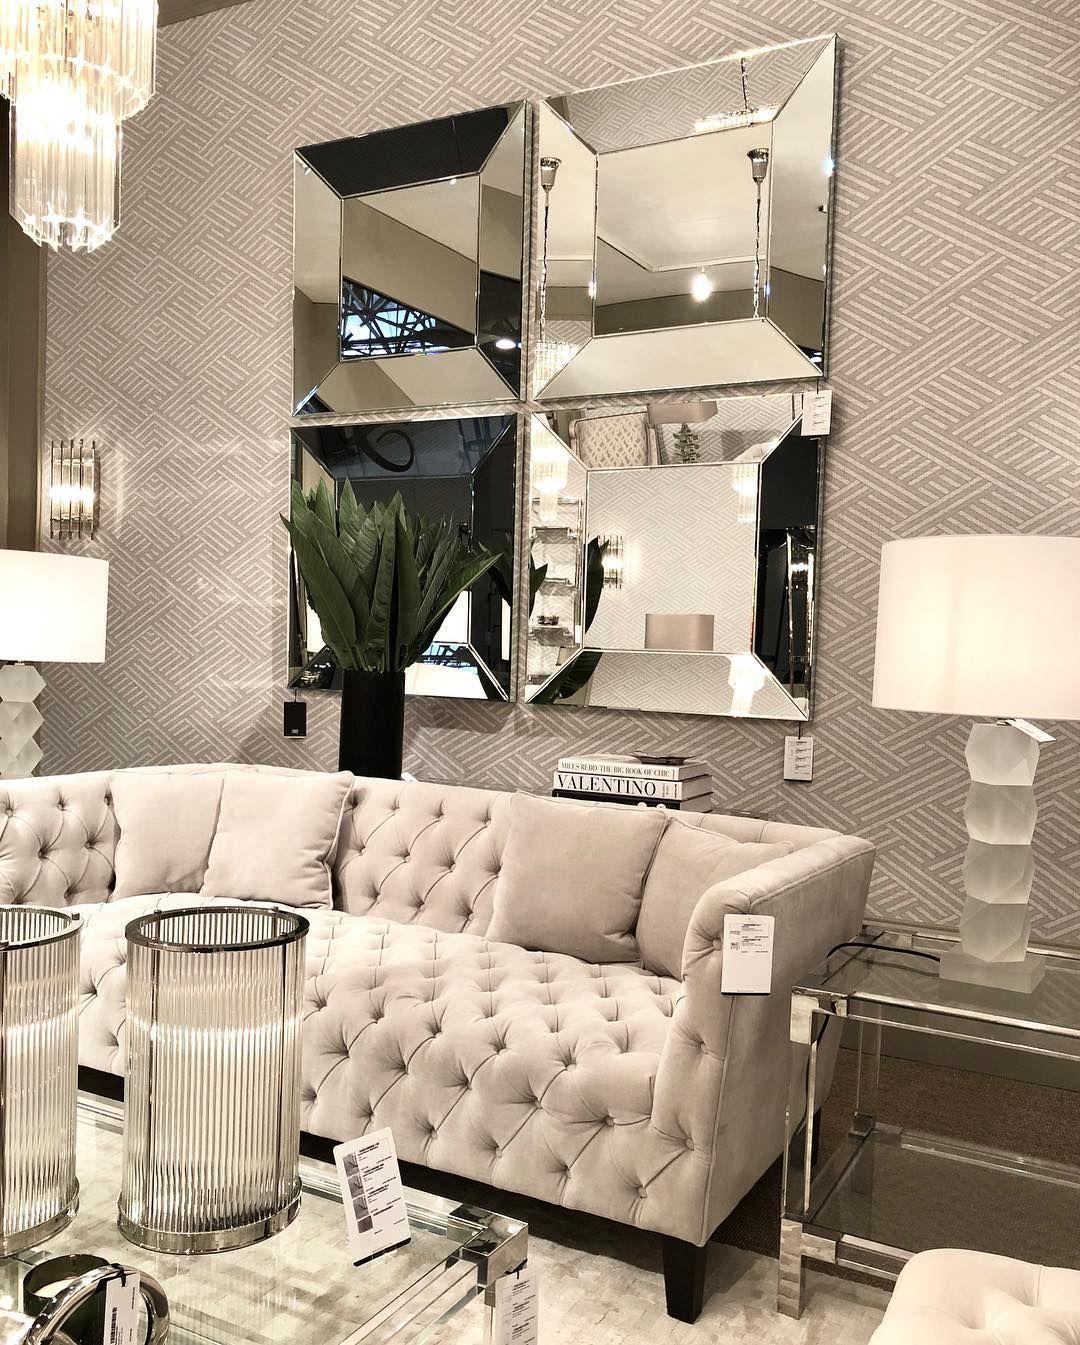 28abc11d Mirror Domenico tilgjengelig i nettbutikken nå ✨ #mirror #speil #eichholtz # decor #dekor #dekorasjondecoration #glam #furnituren #møbler #stue  #livingroom ...